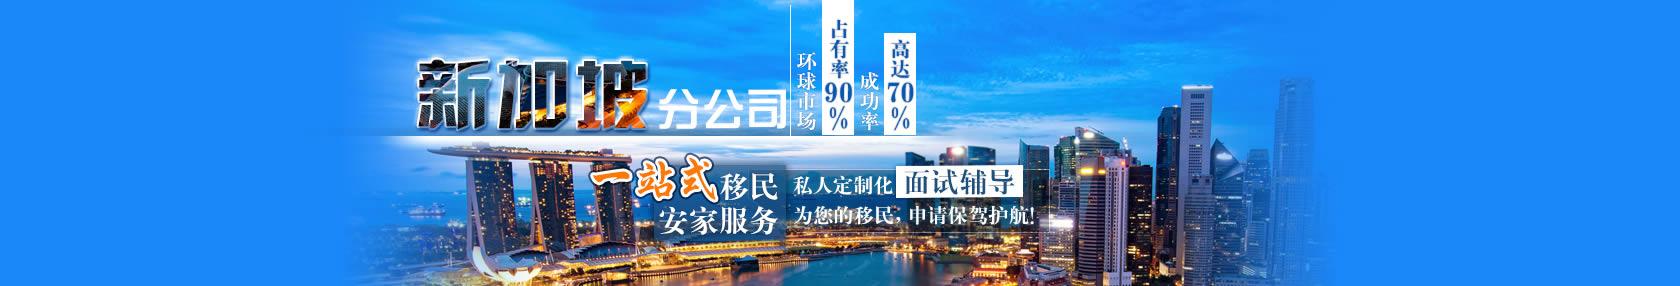 环球移民新加坡分公司一站式移民新加坡安家服务,为您移民新加坡申请保驾护航!